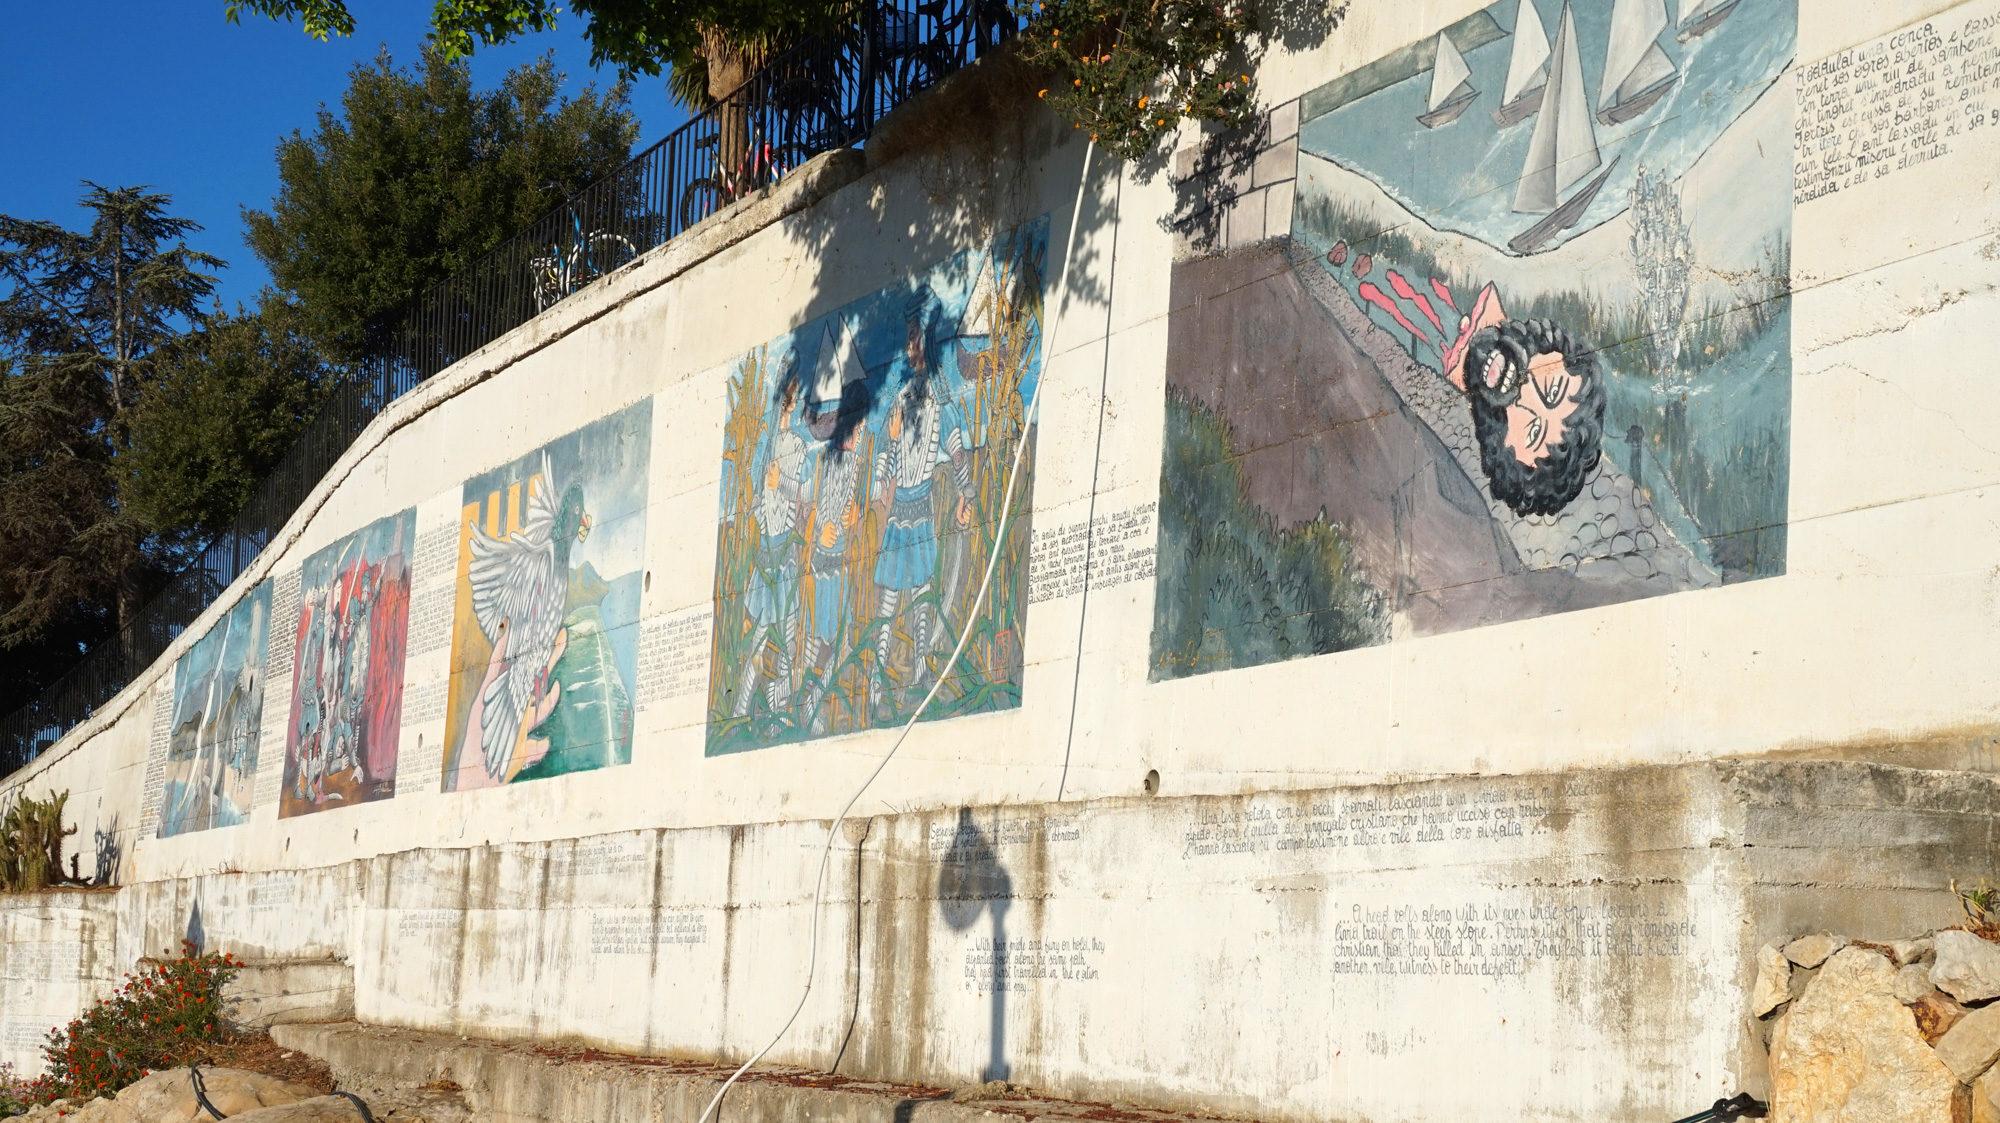 Die Geschichte der Saubohnenburg an den Mauern von Posada